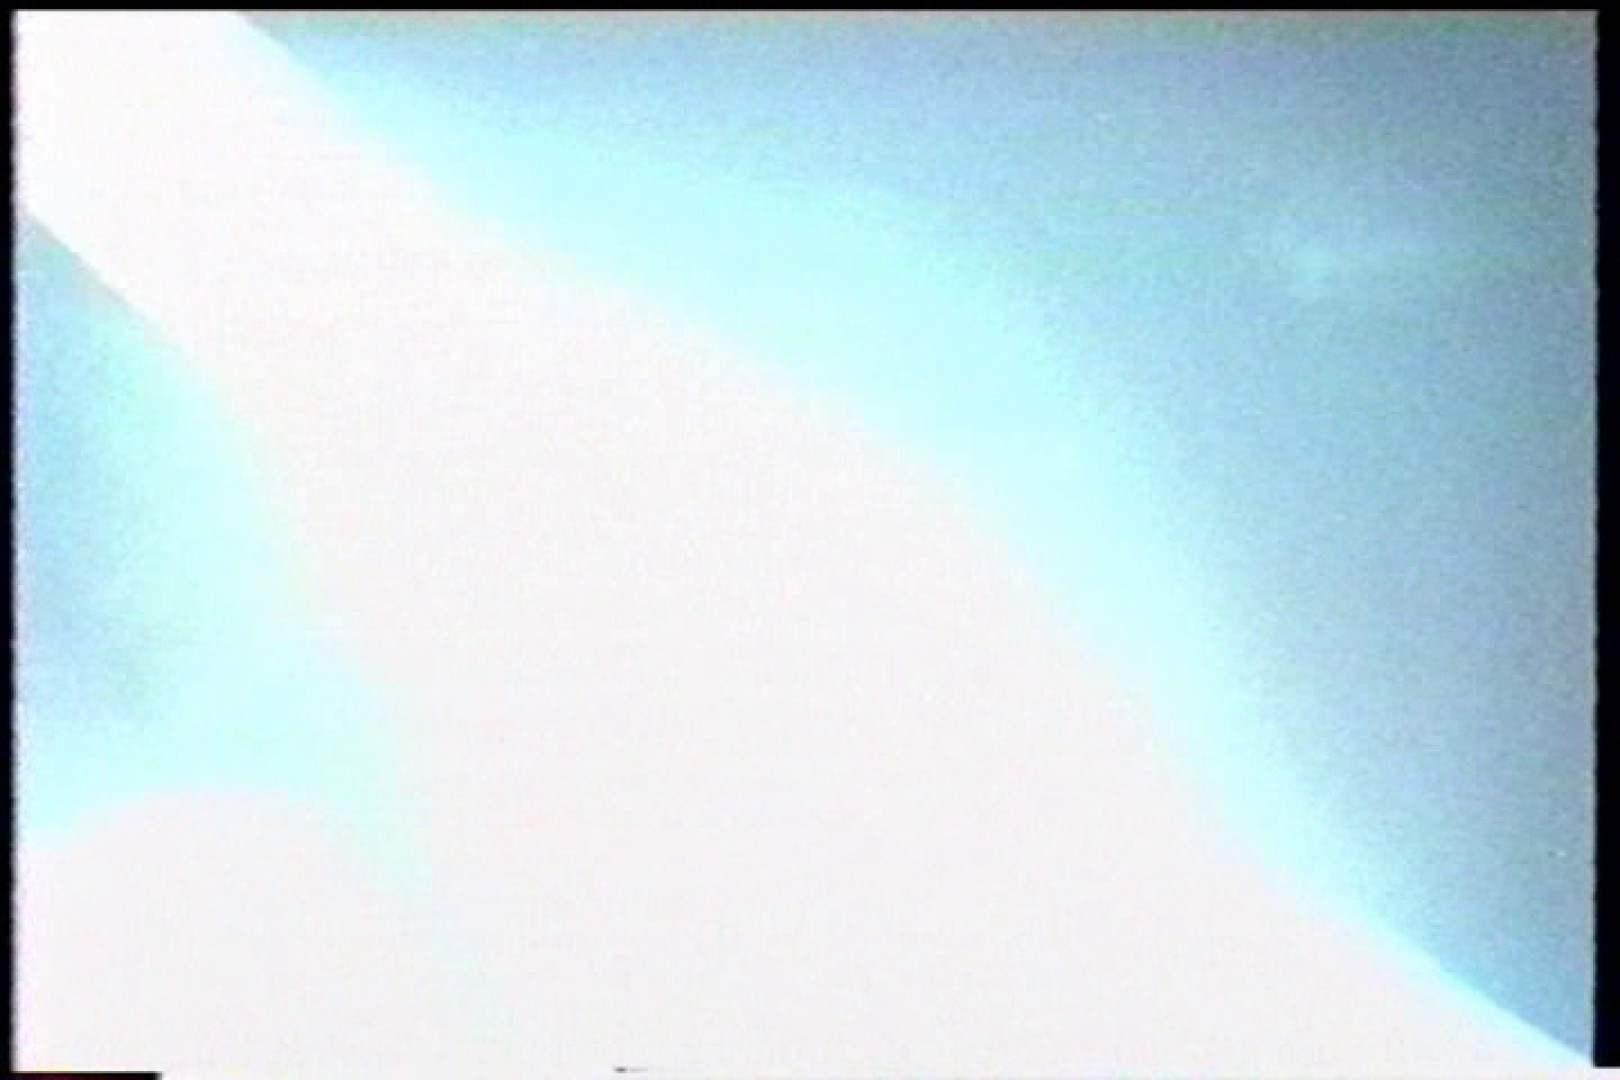 「充血監督」さんの深夜の運動会!! vol.212 チクビ オマンコ無修正動画無料 75PIX 9